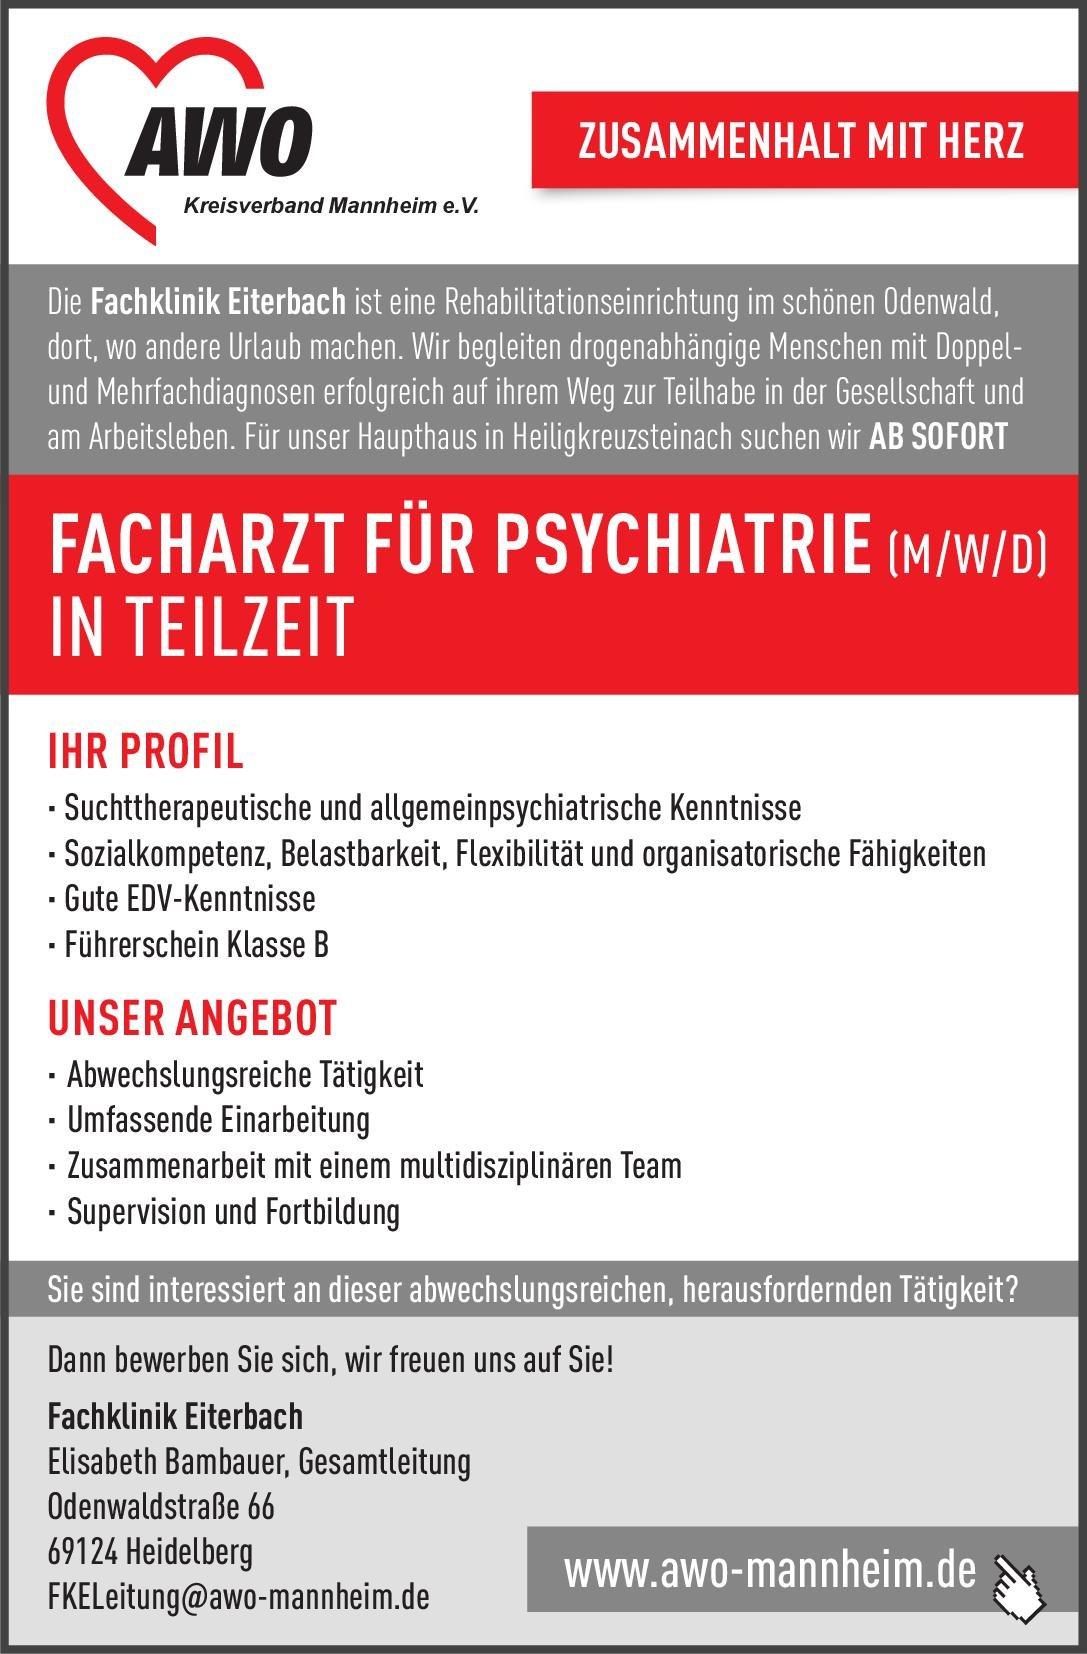 Fachklinik Eiterbach Facharzt für Psychiatrie (m/w/d)  Psychiatrie und Psychotherapie, Psychiatrie und Psychotherapie Arzt / Facharzt